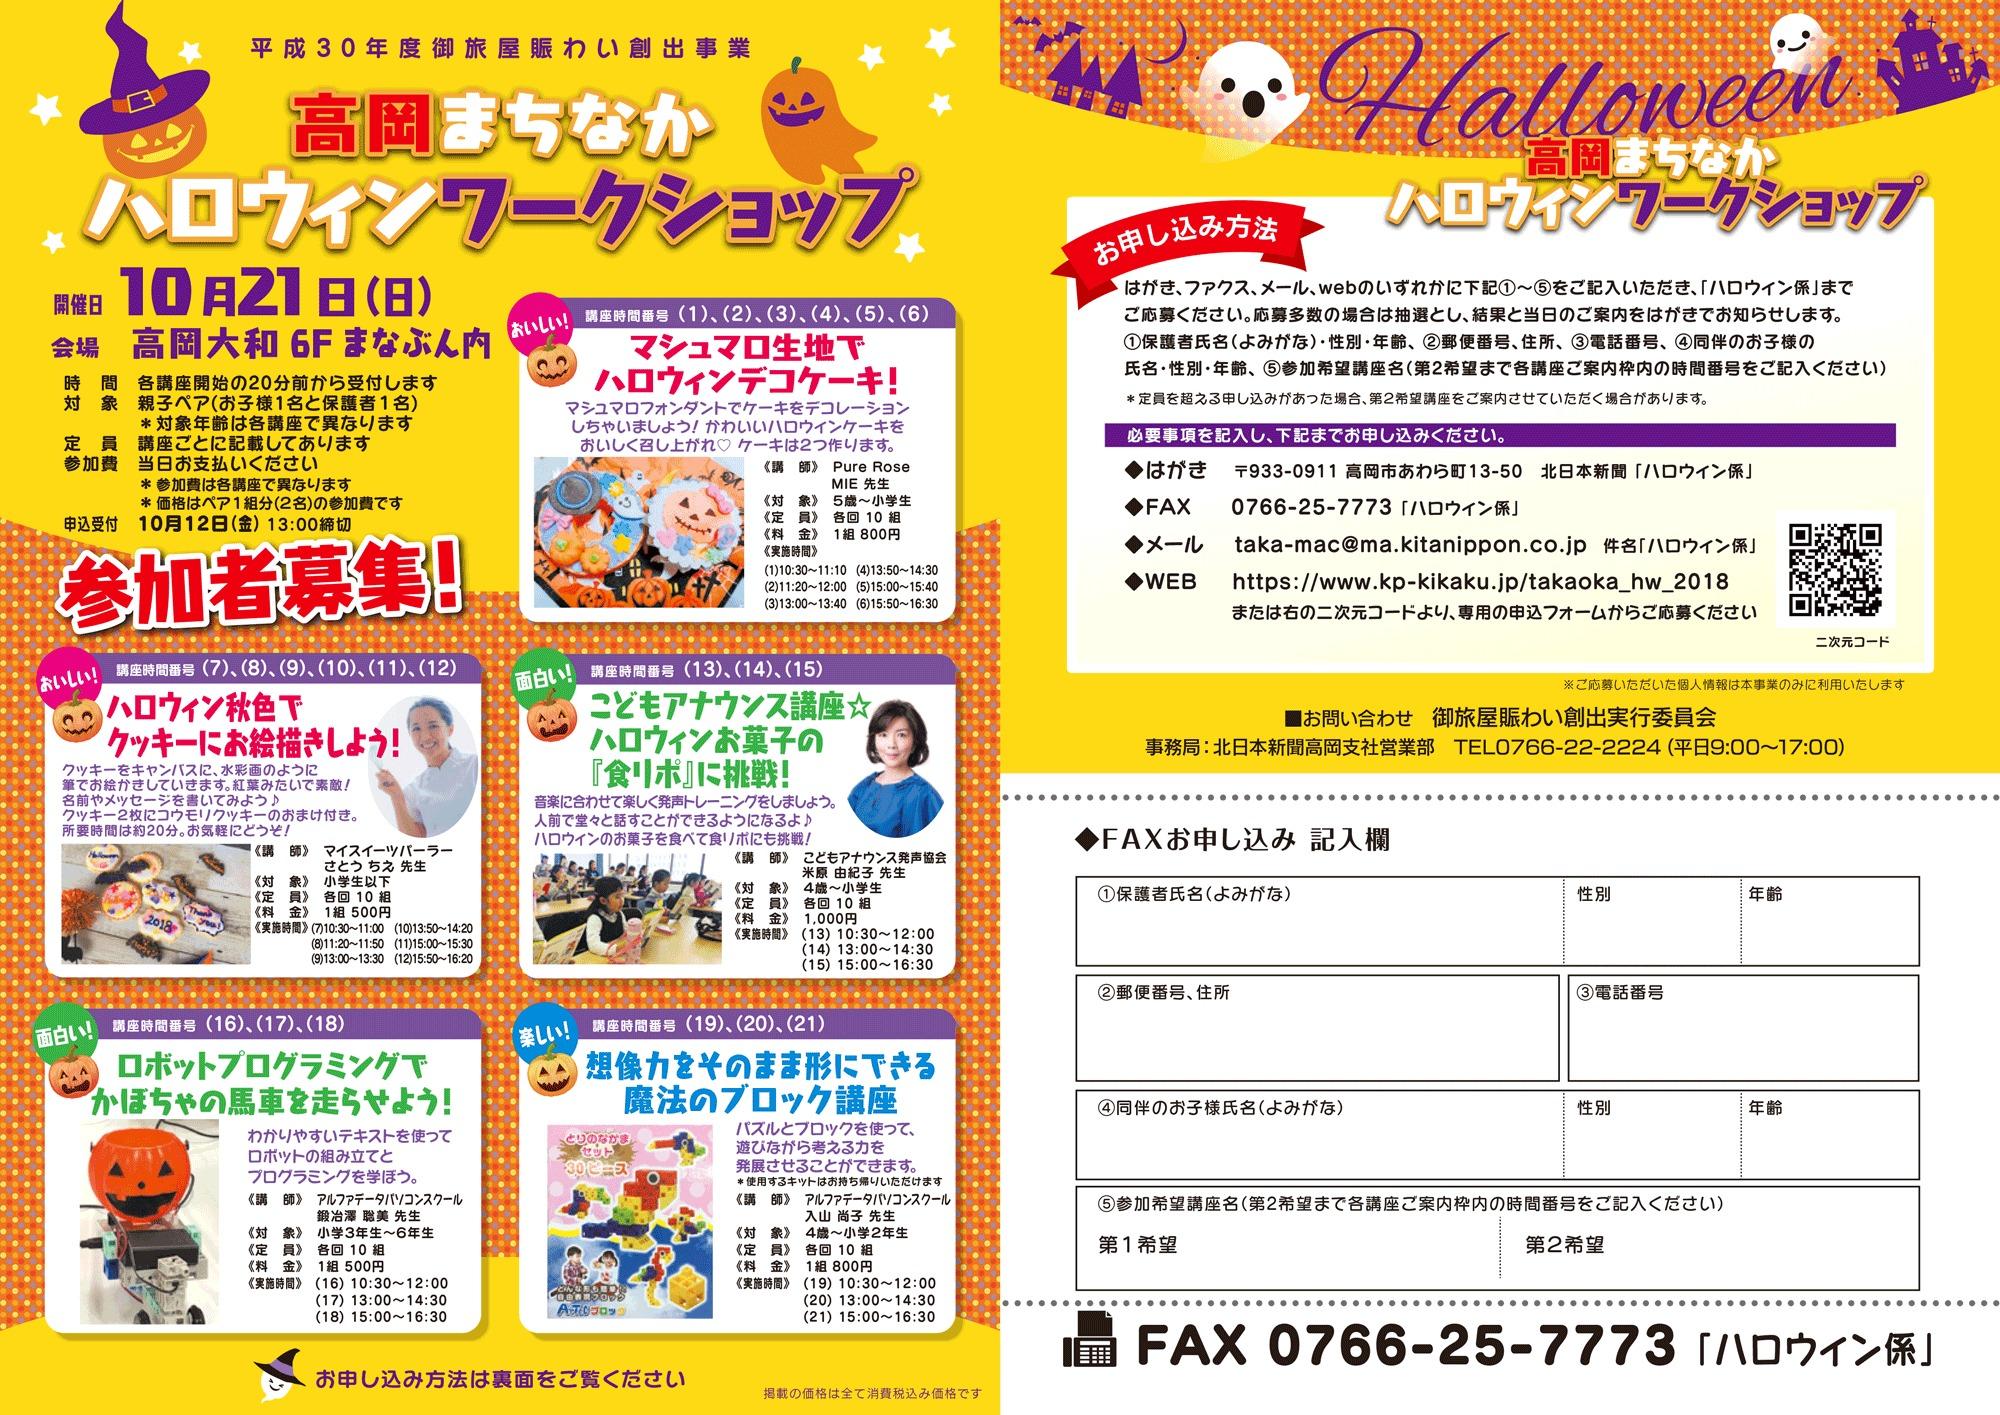 高岡まちなかハロウィンワークショップ2018(10/21)